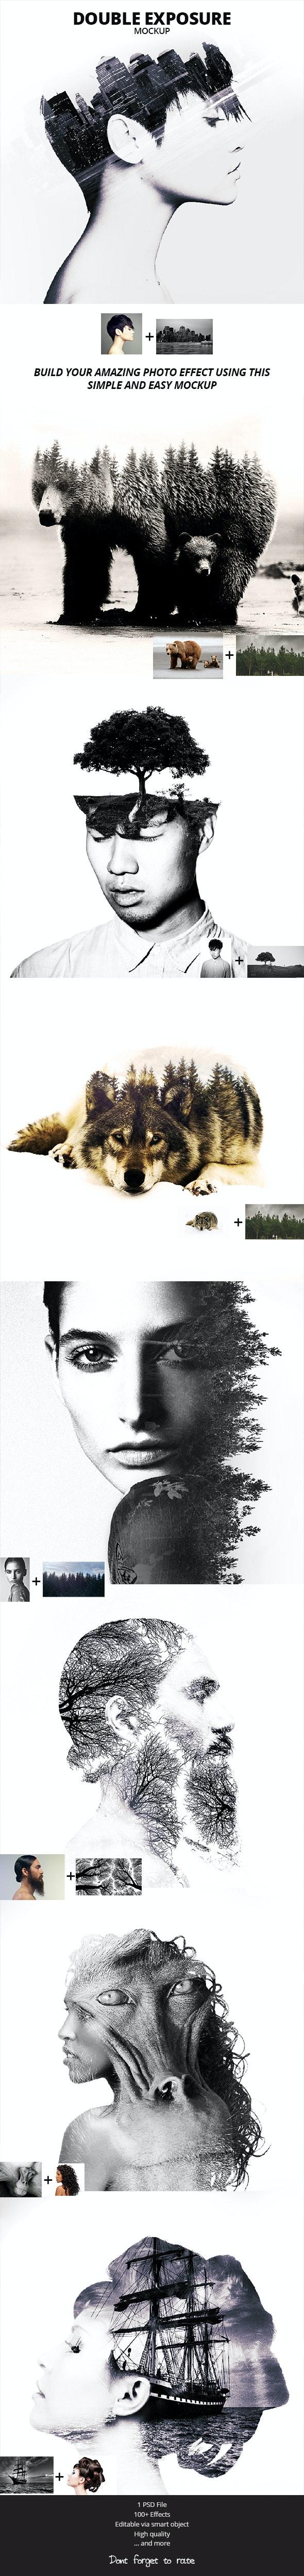 Double Exposure Photoshop Mockup - Photoshop Add-ons